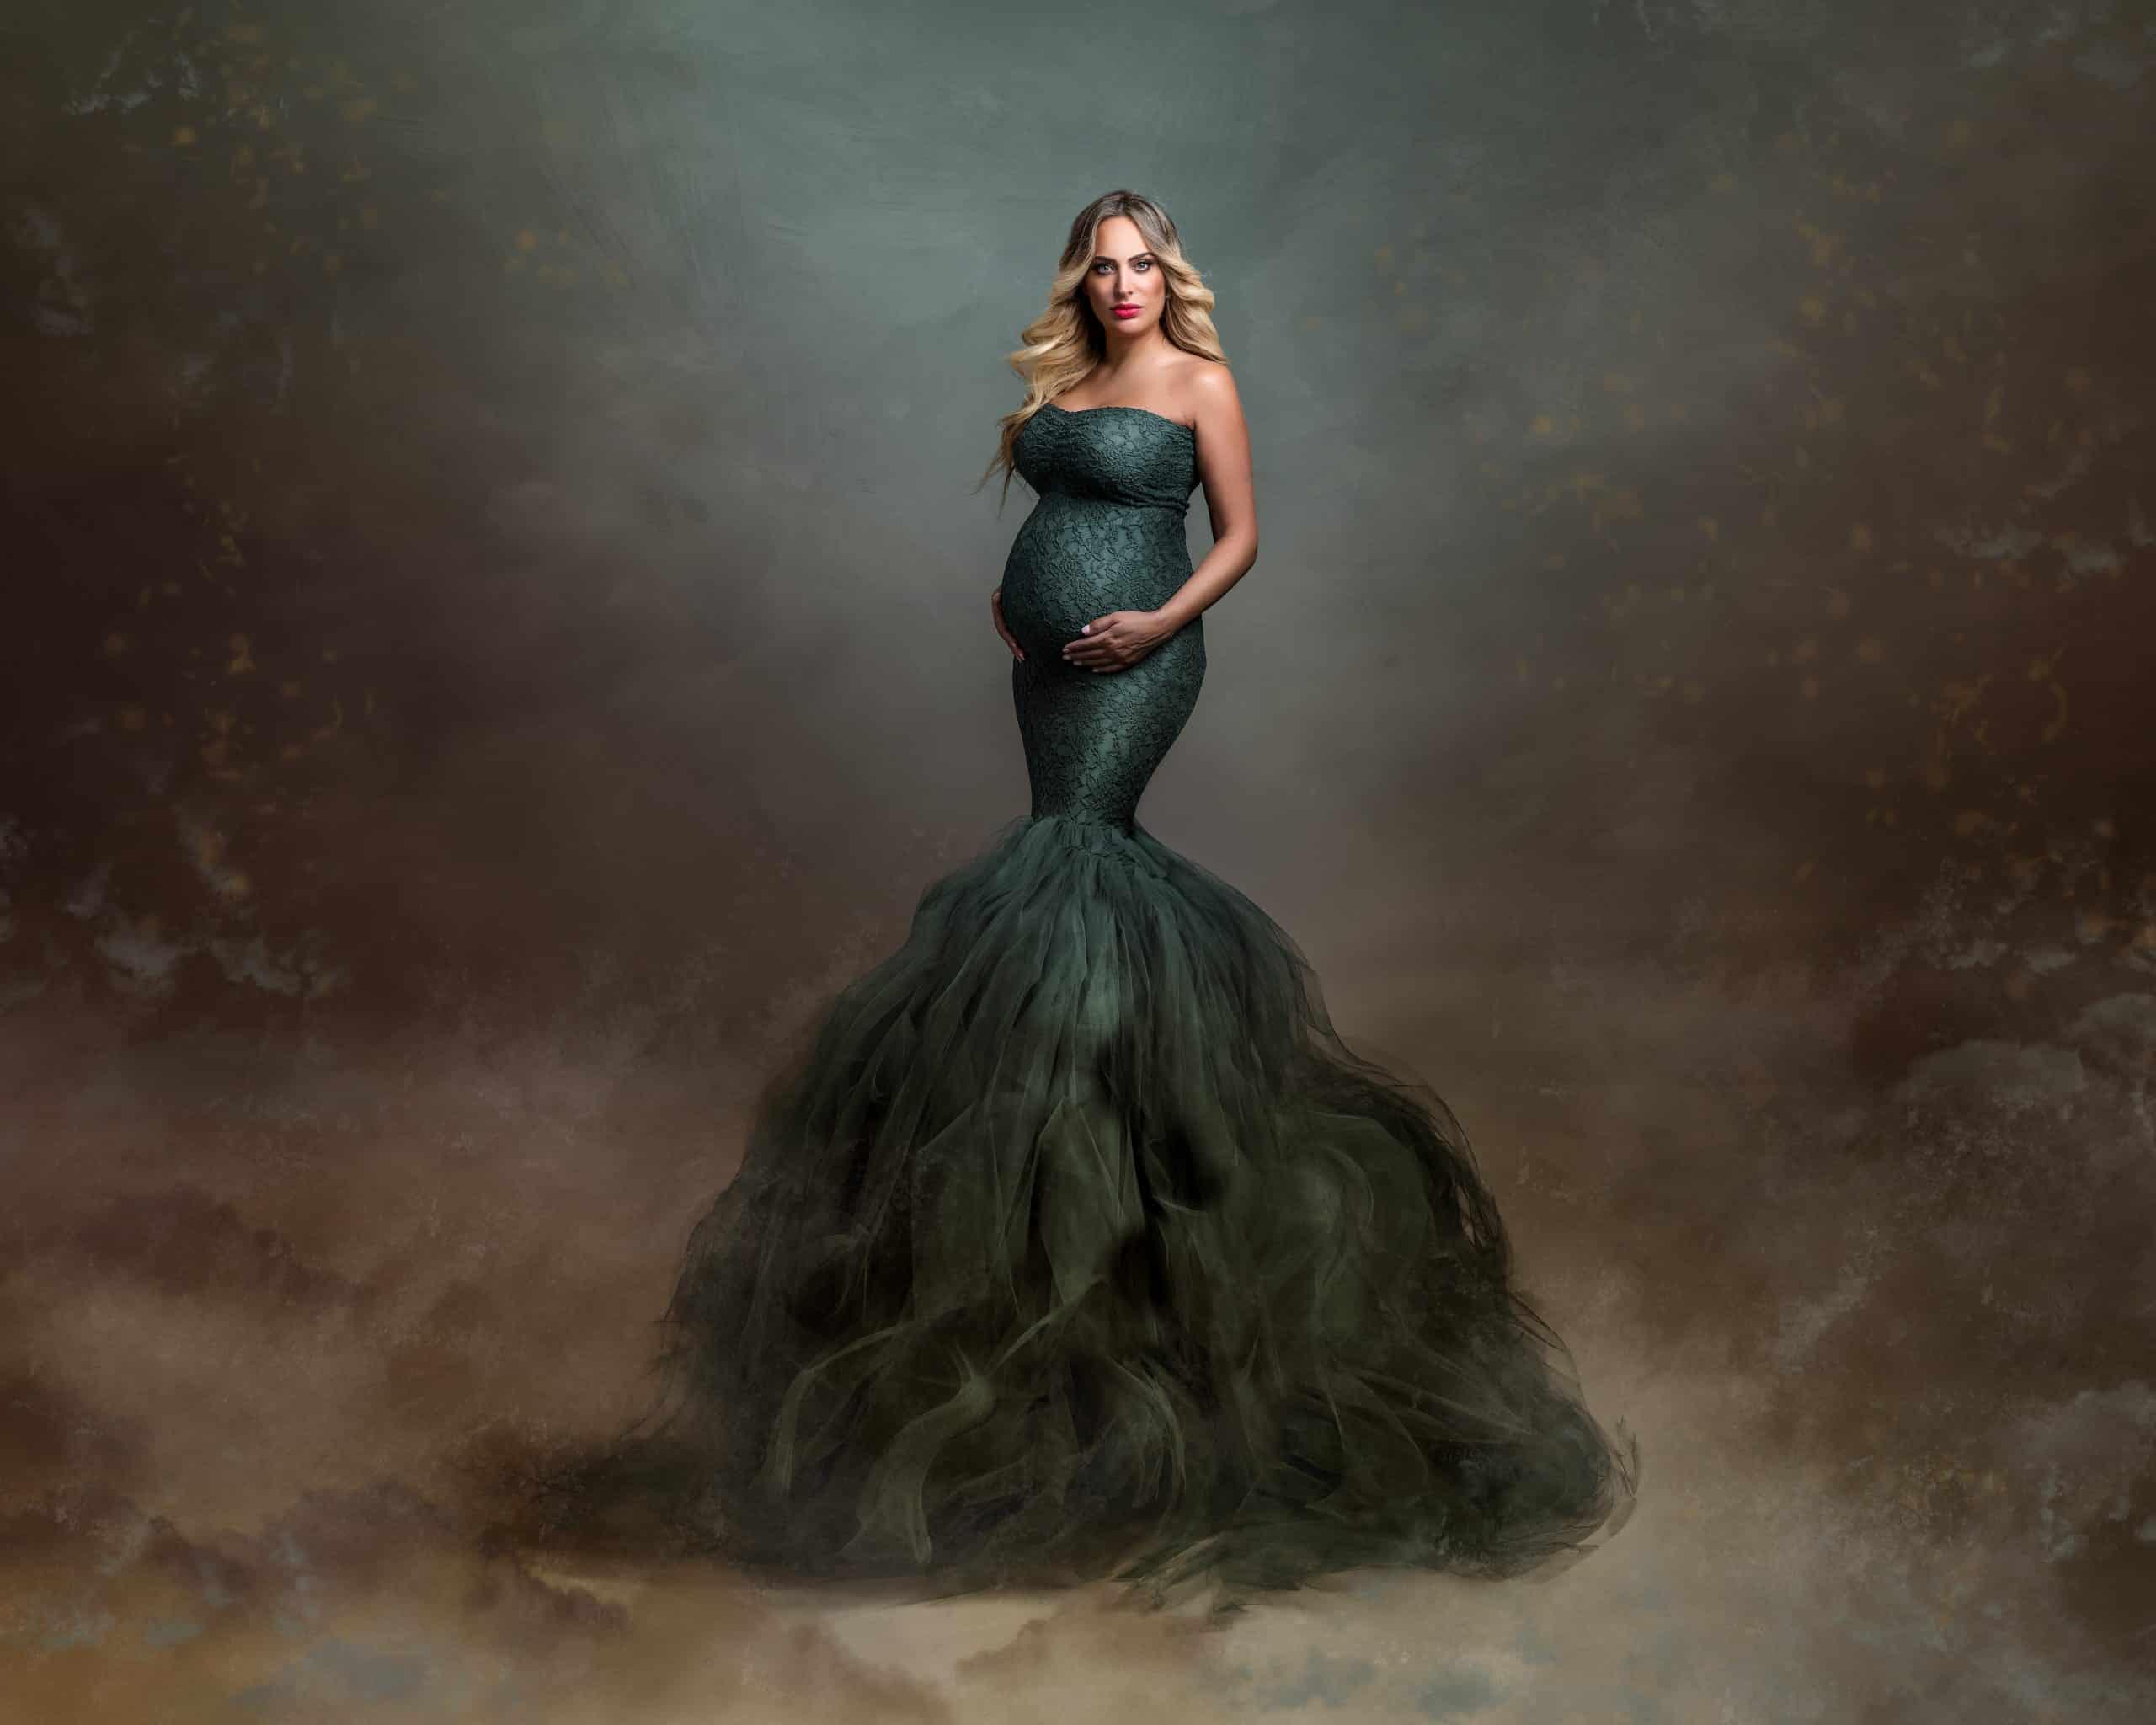 1J4A2419 Editar EditarIMPRESION 300PX SRGB scaled - Maternity Workshop